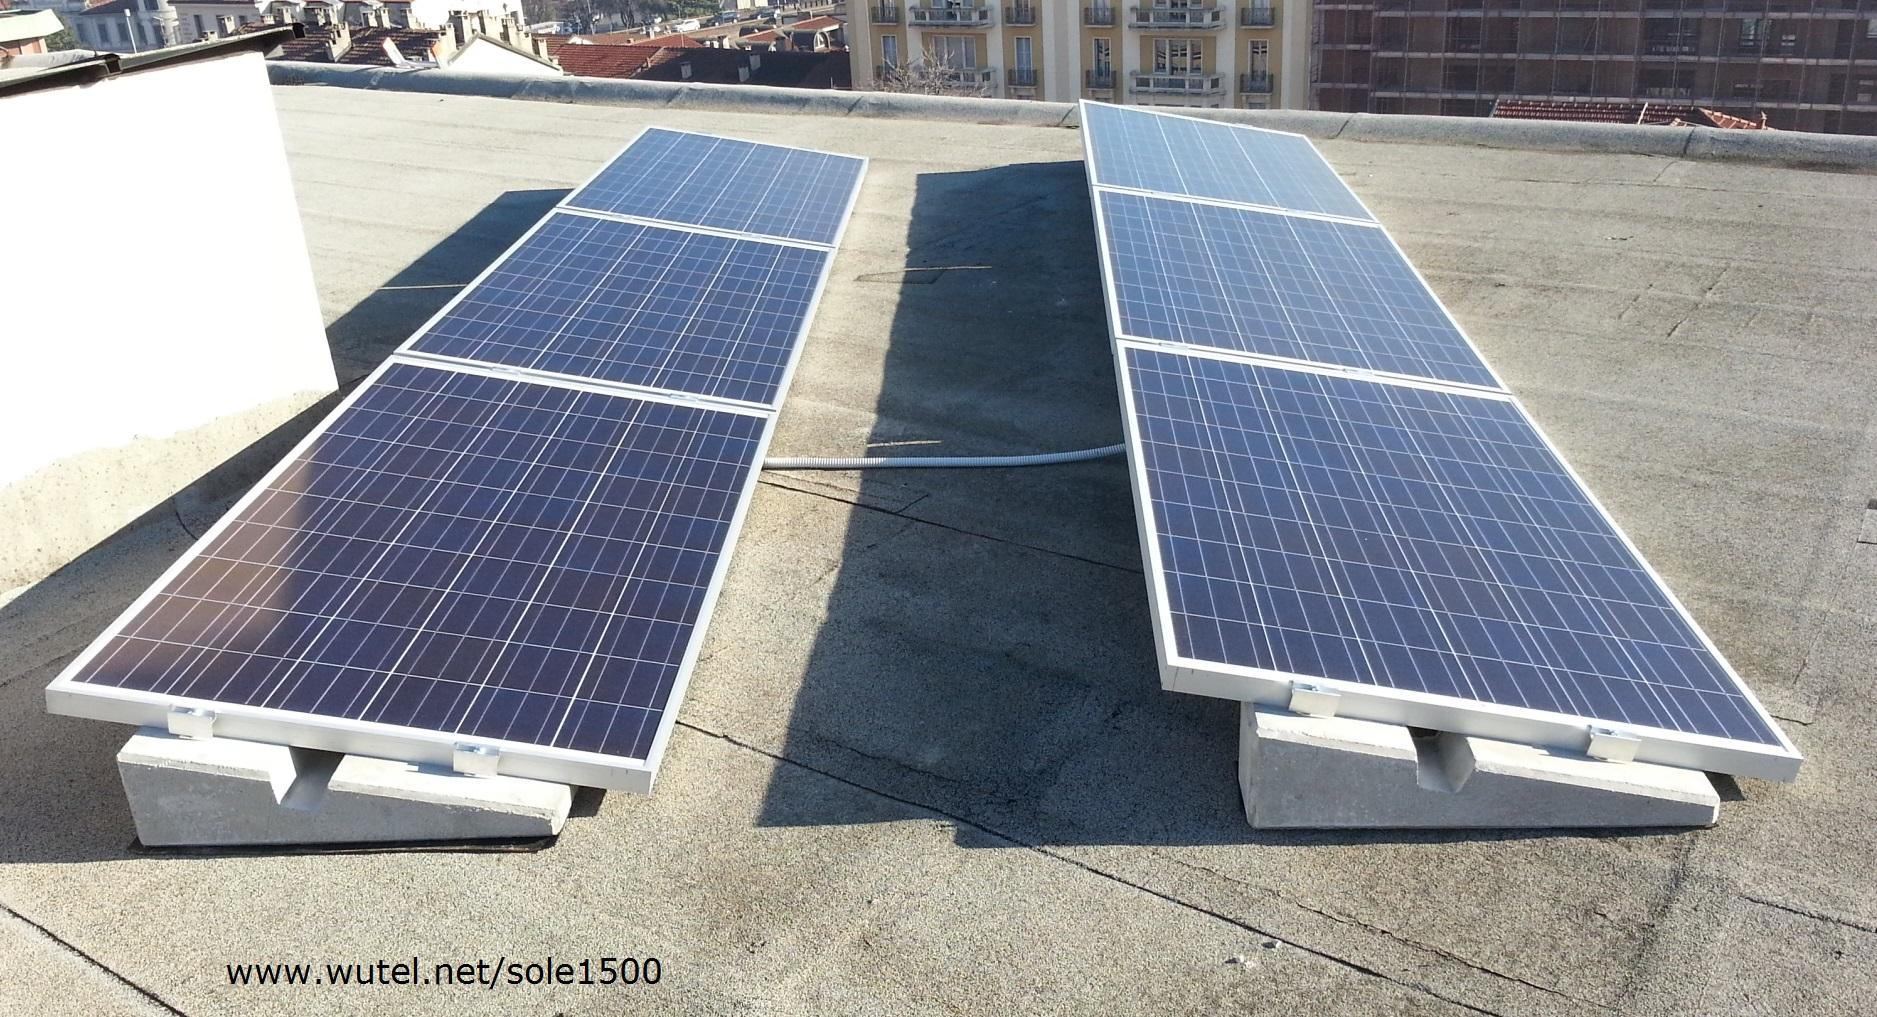 Schema Cablaggio Pannelli Fotovoltaici : Wutel sole